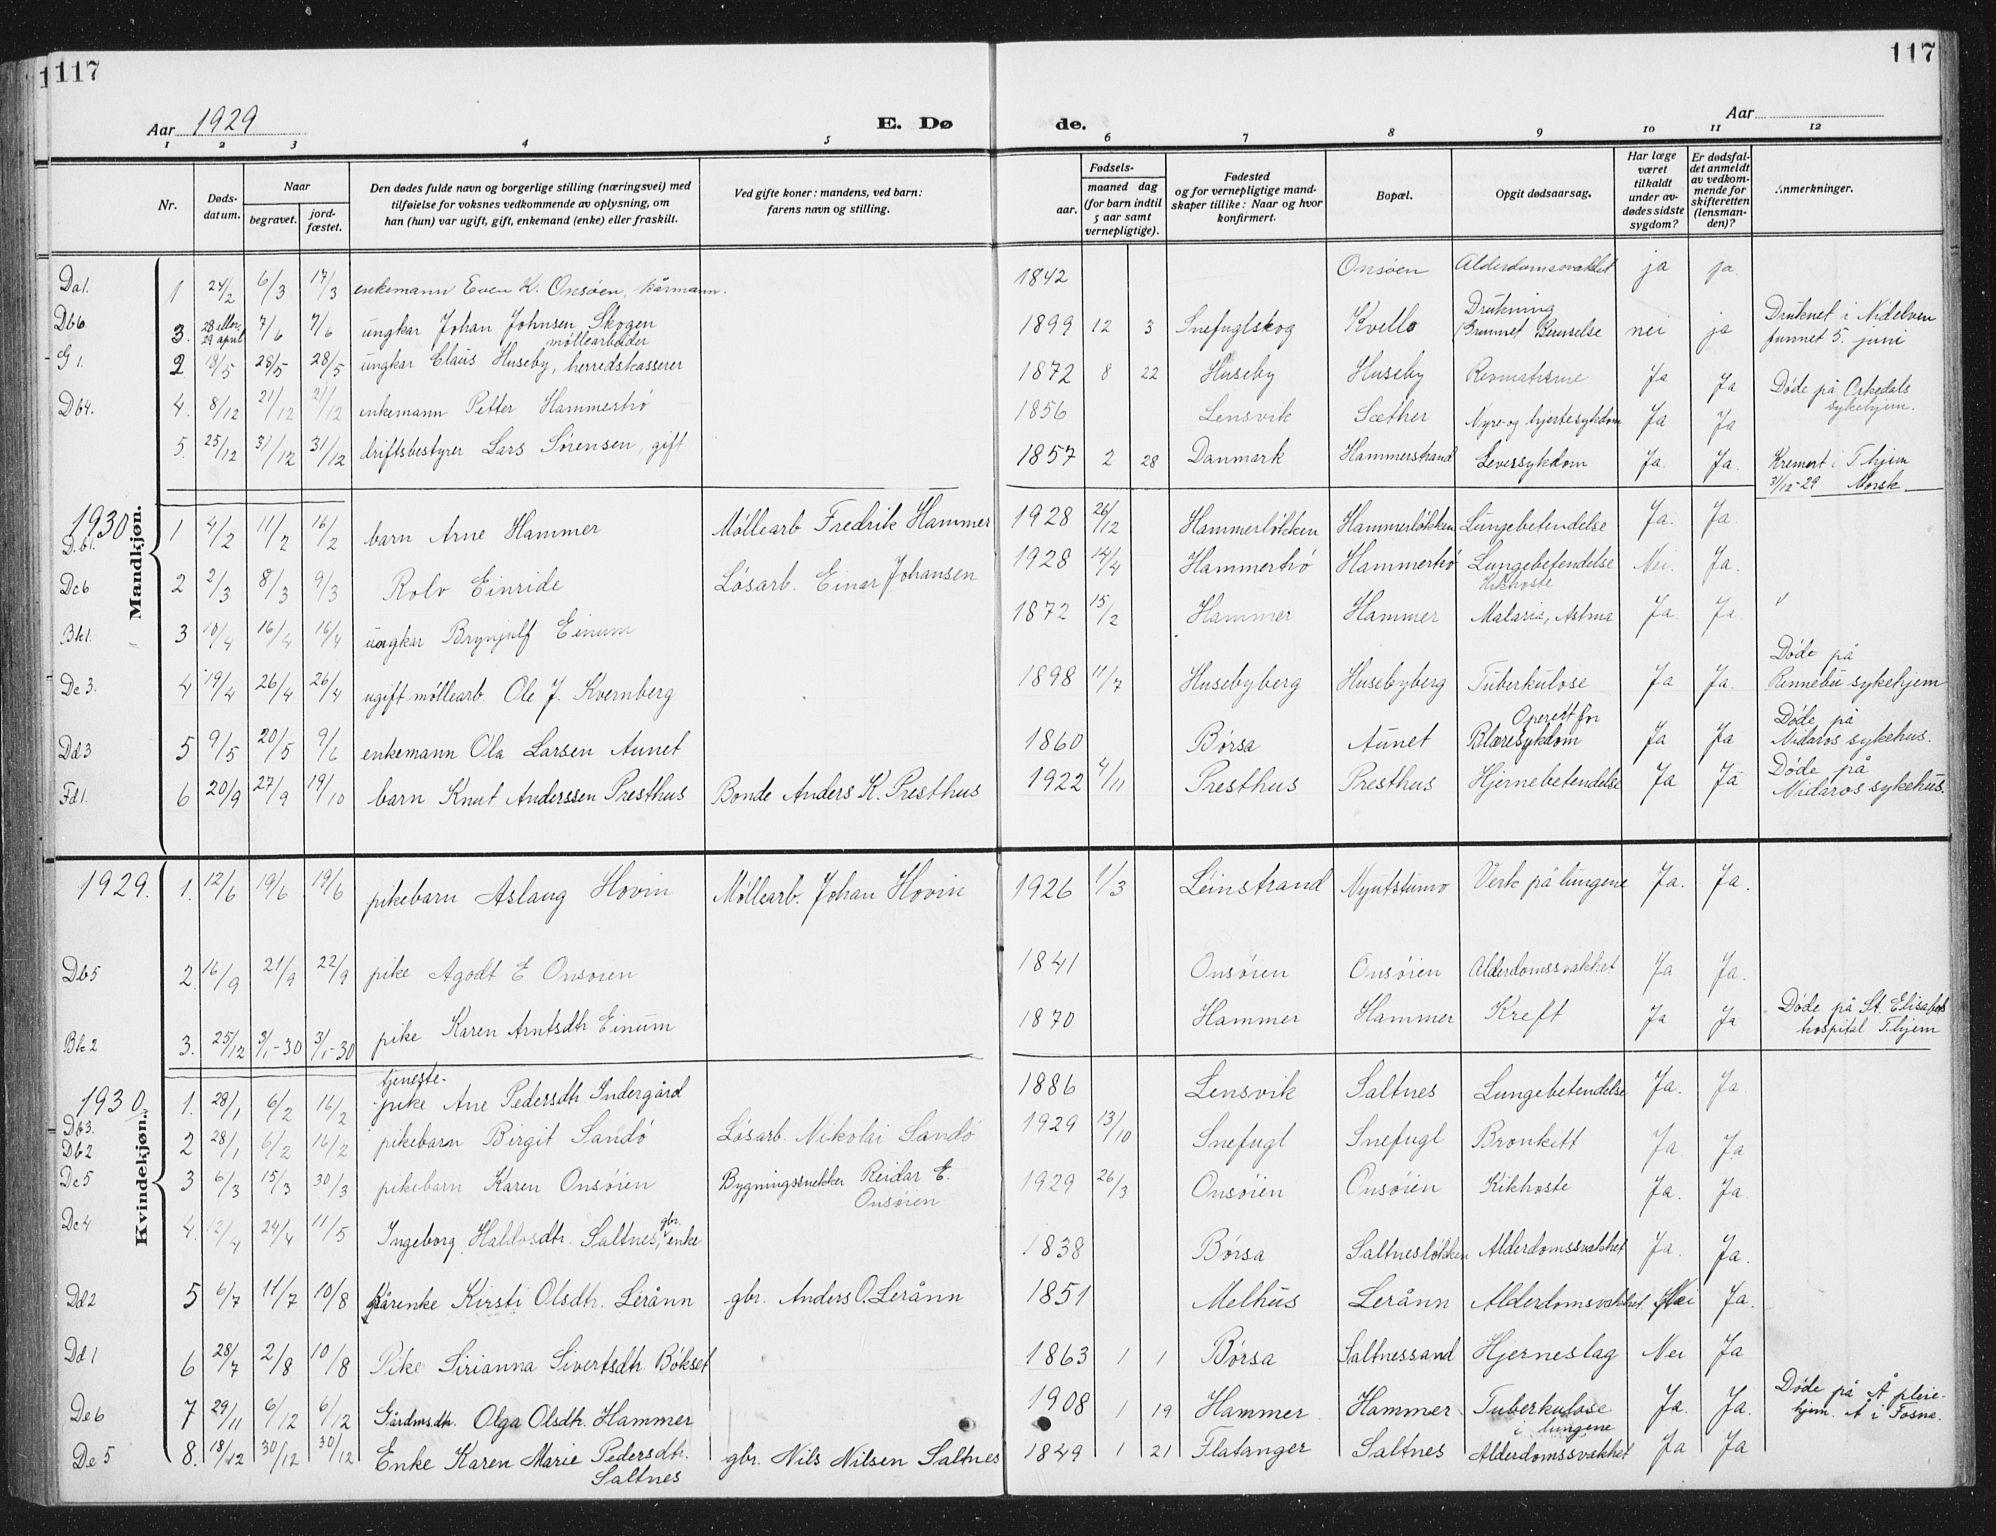 SAT, Ministerialprotokoller, klokkerbøker og fødselsregistre - Sør-Trøndelag, 666/L0791: Klokkerbok nr. 666C04, 1909-1939, s. 117